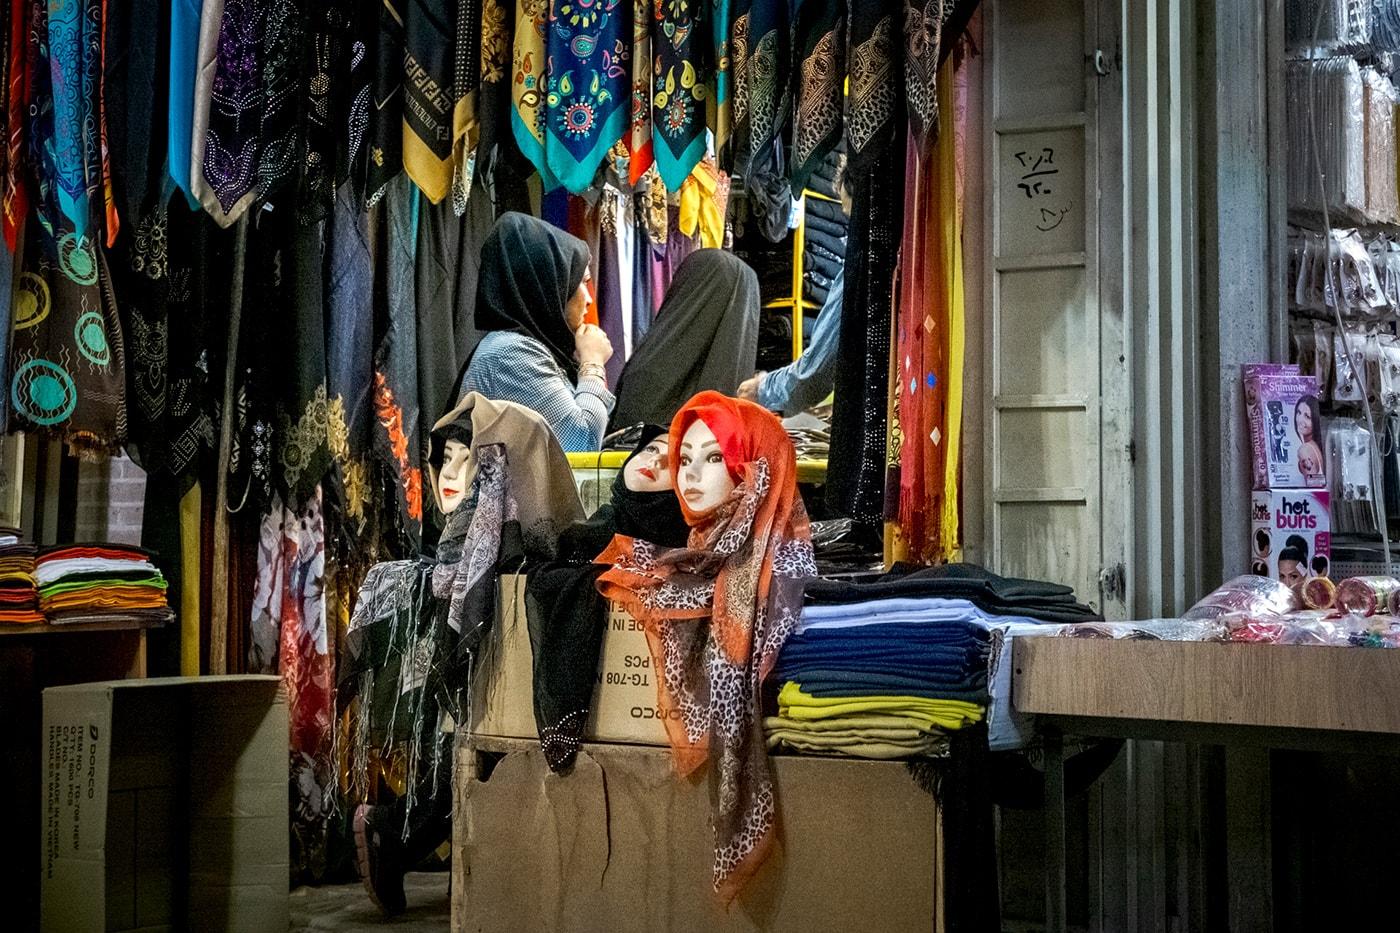 problemi in iran bazar negozio hijab